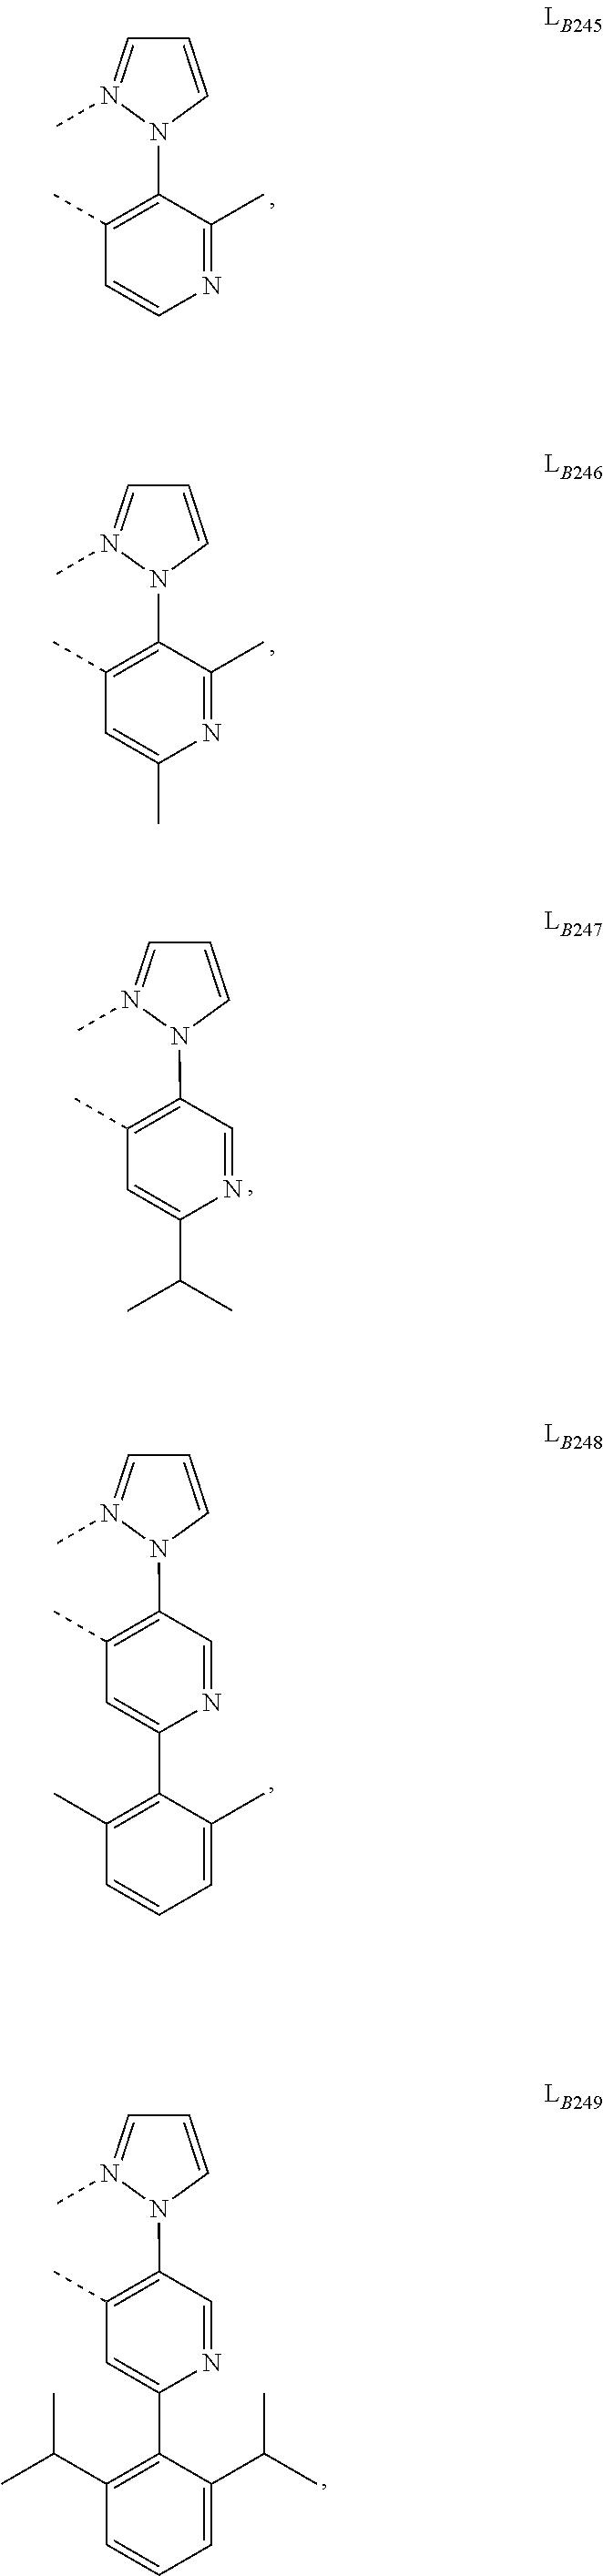 Figure US09905785-20180227-C00159